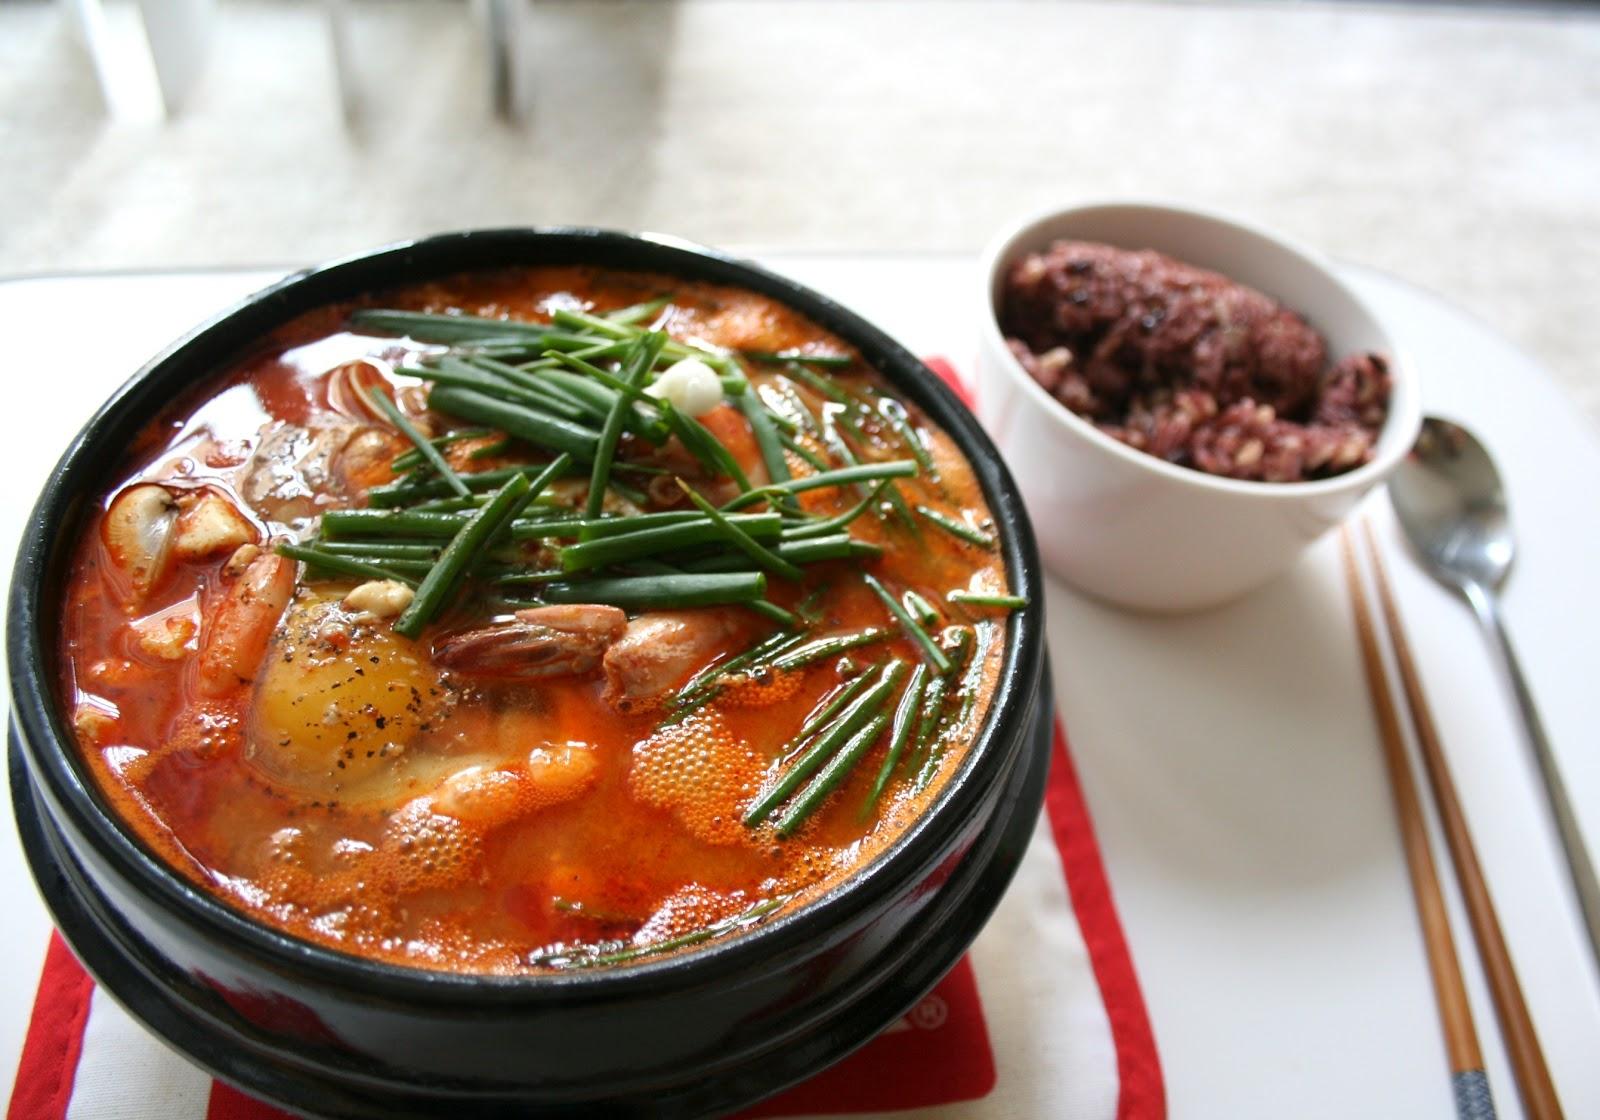 flowers haemul soon dubu seafood soft tofu makes 2 servings